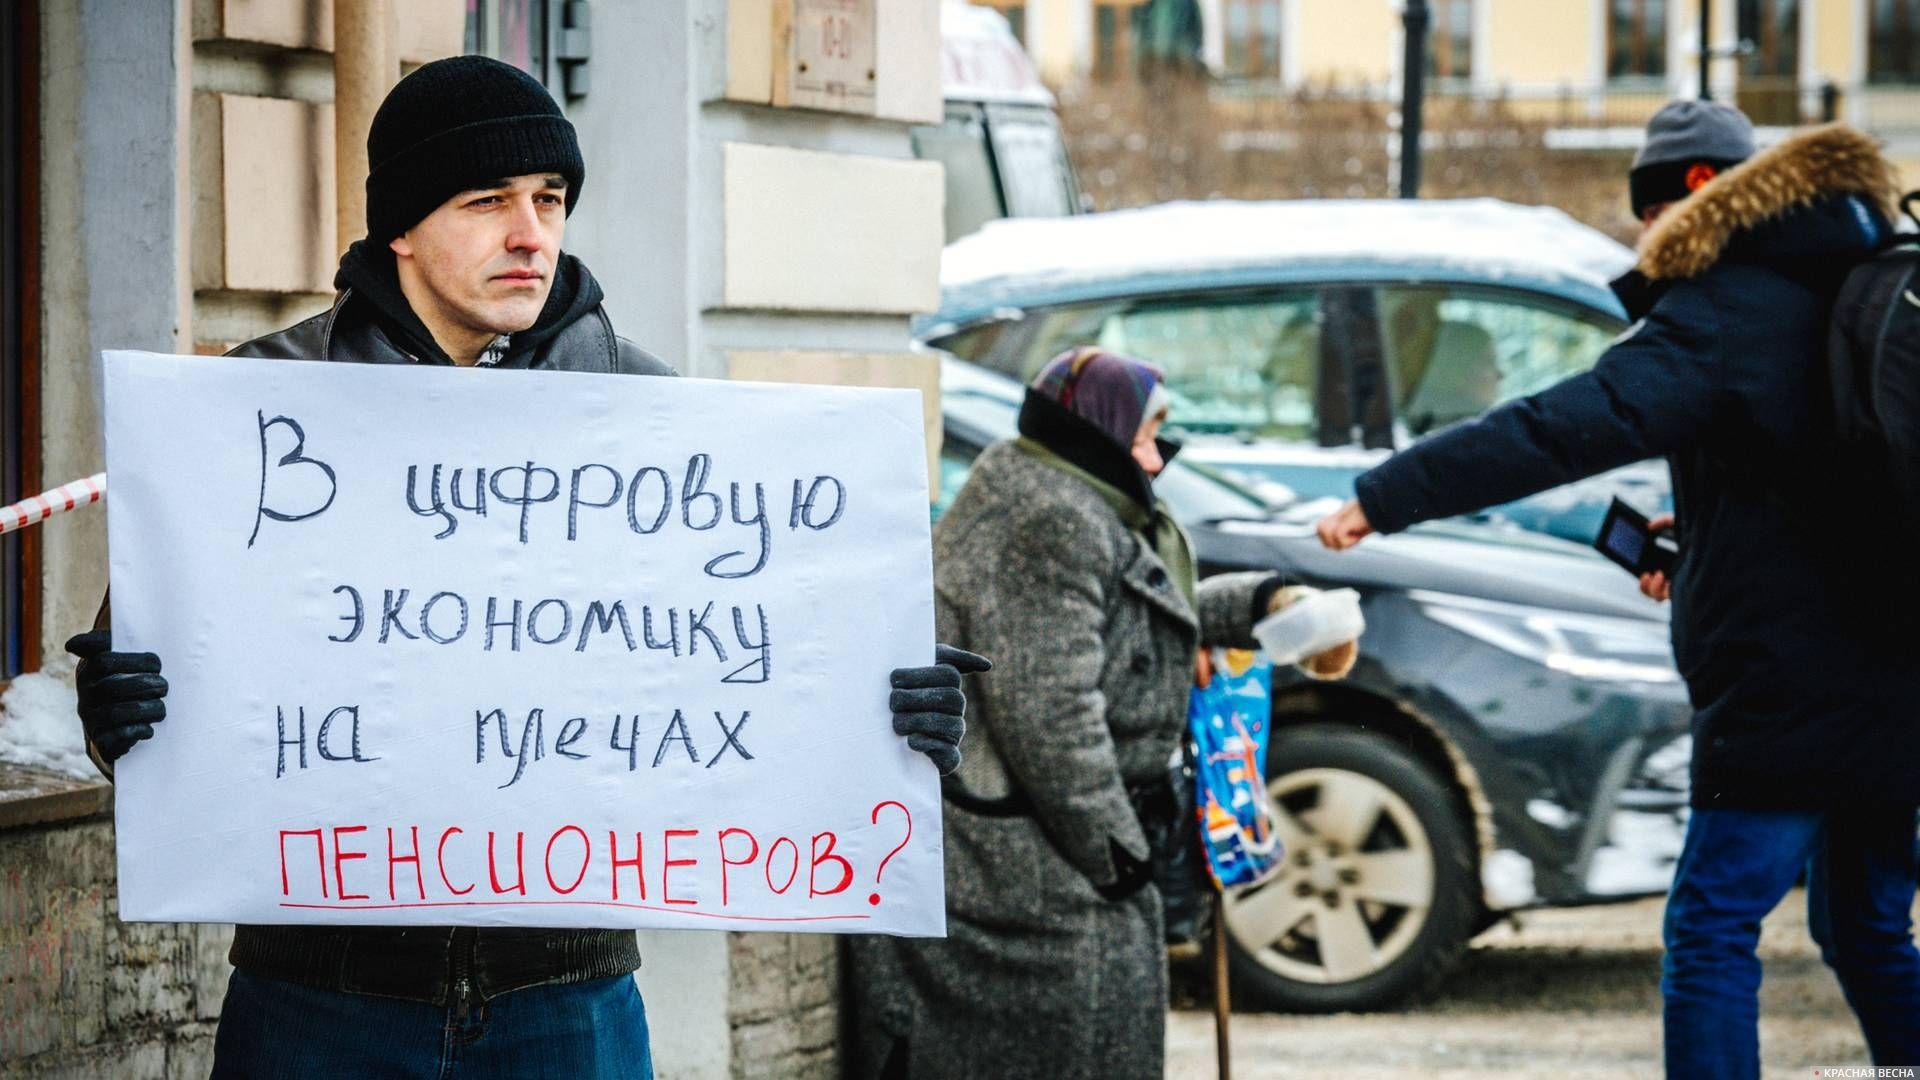 Социальная несправедливость в призывах и наяву. Невский проспект. Санкт-Петербург © ИА Красная Весна